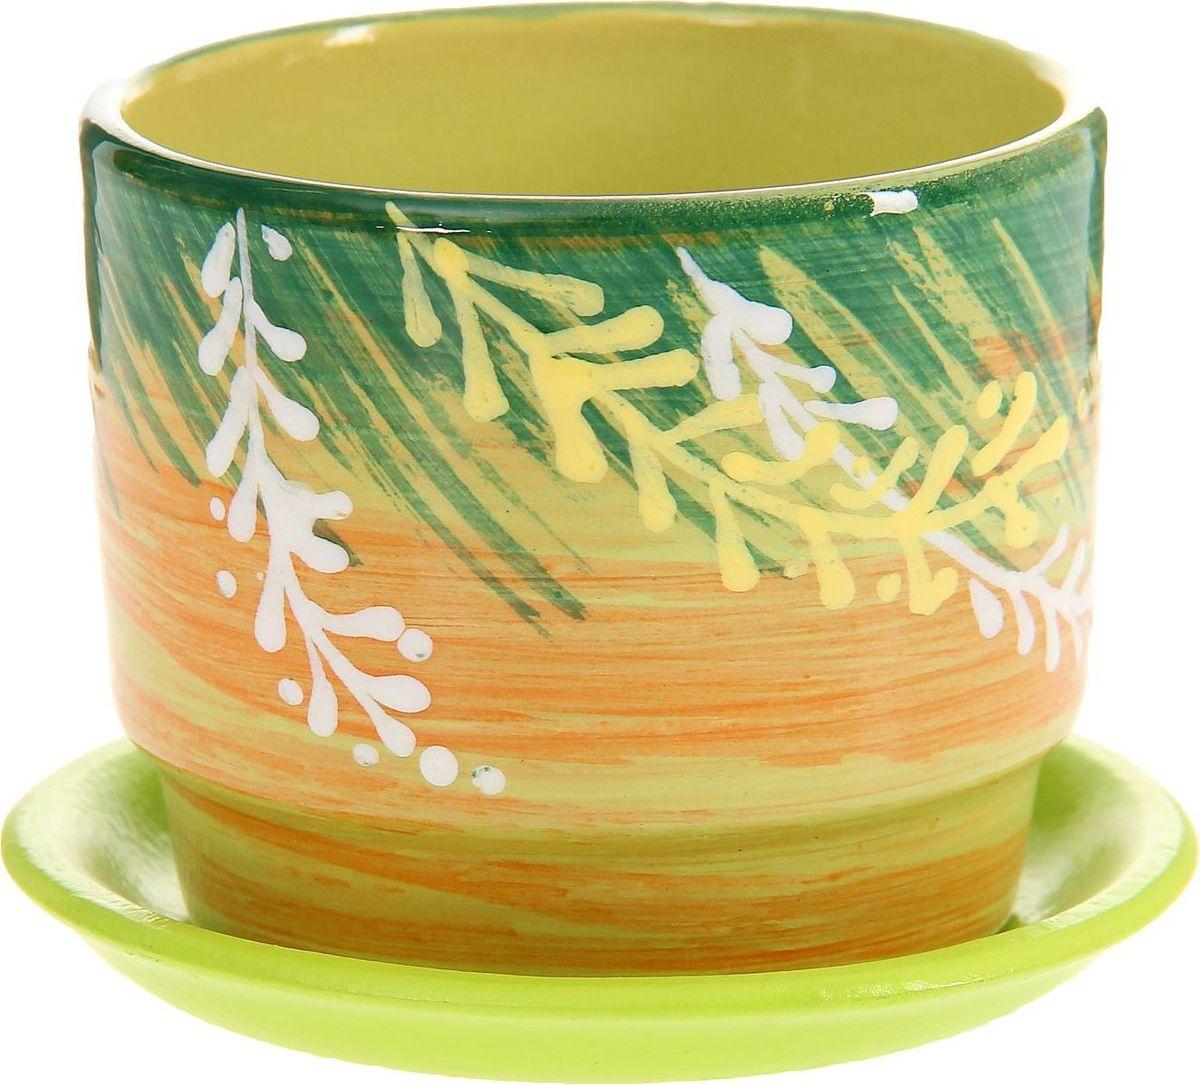 Кашпо Веточки, 0,3 л1157430Кашпо Веточки выполнено из керамики. Комнатные растения - всеобщие любимцы. Они радуют глаз, насыщают помещение кислородом и украшают пространство. Каждому из них необходим свой удобный и красивый дом. Кашпо из керамики прекрасно подходят для высадки растений: - за счёт пластичности глины и разных способов обработки существует великое множество форм и дизайнов- пористый материал позволяет испаряться лишней влаге - воздух, необходимый для дыхания корней, проникает сквозь керамические стенки! Кашпо Веточки позаботится о зелёном питомце, освежит интерьер и подчеркнёт его стиль.